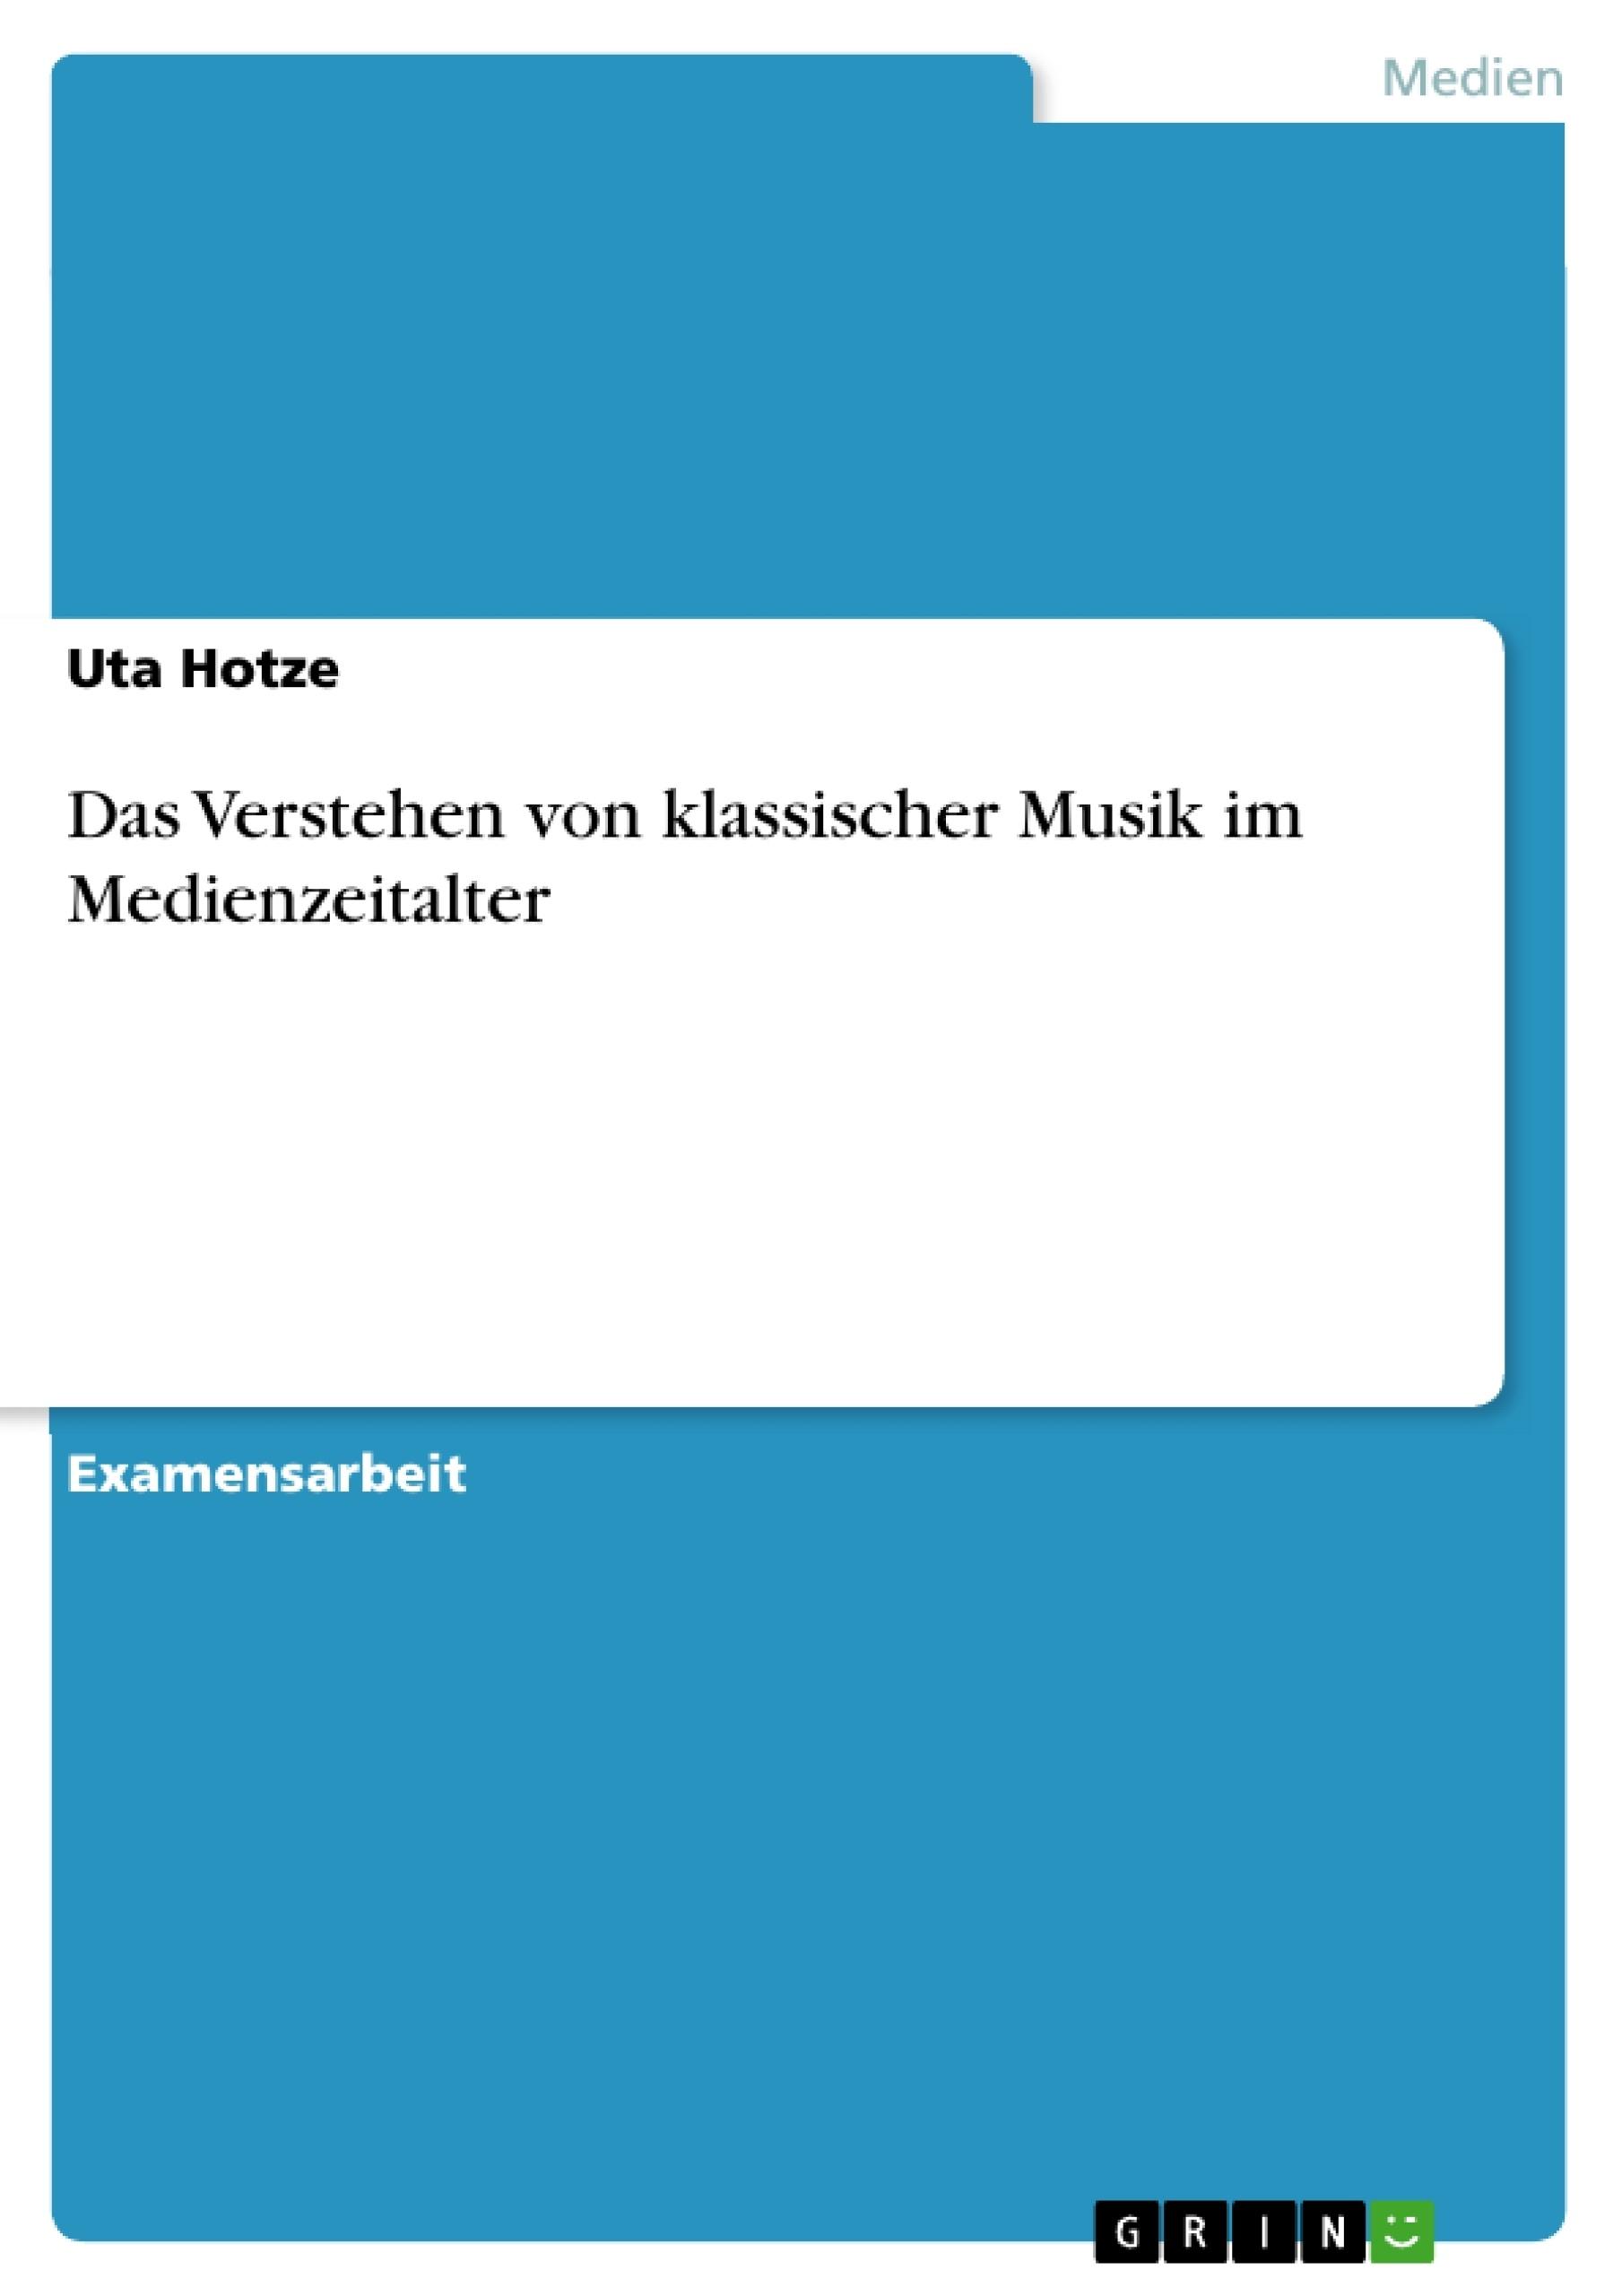 Dissertation musik